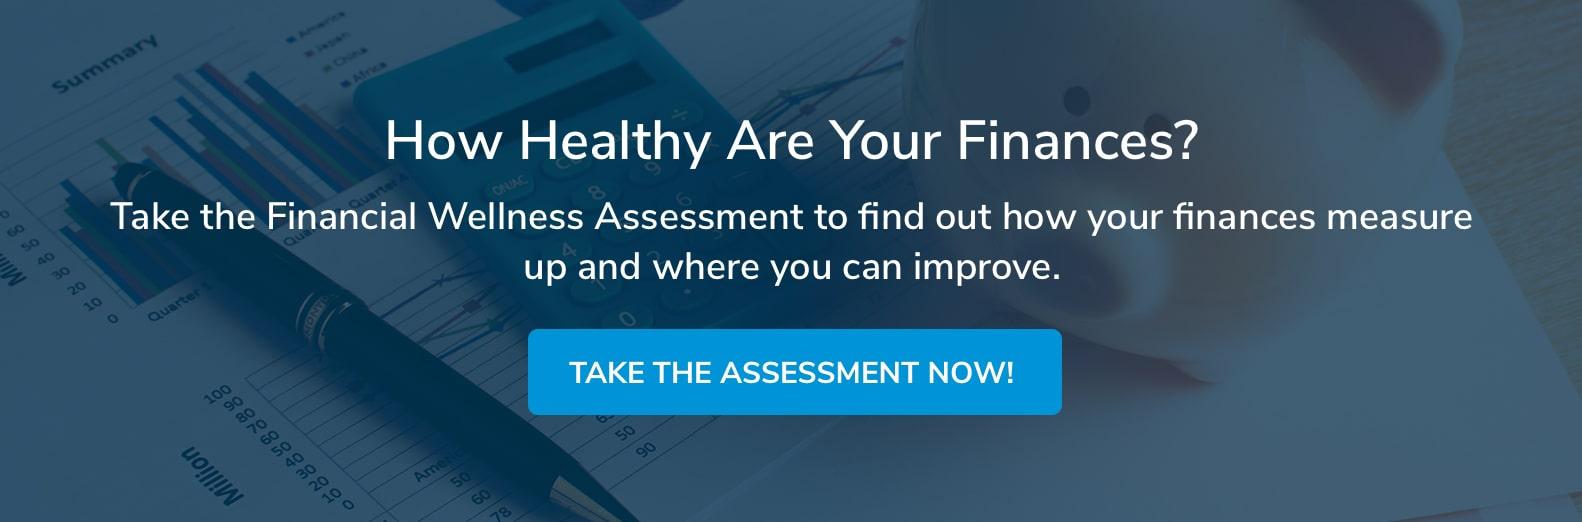 financial wellness assessment